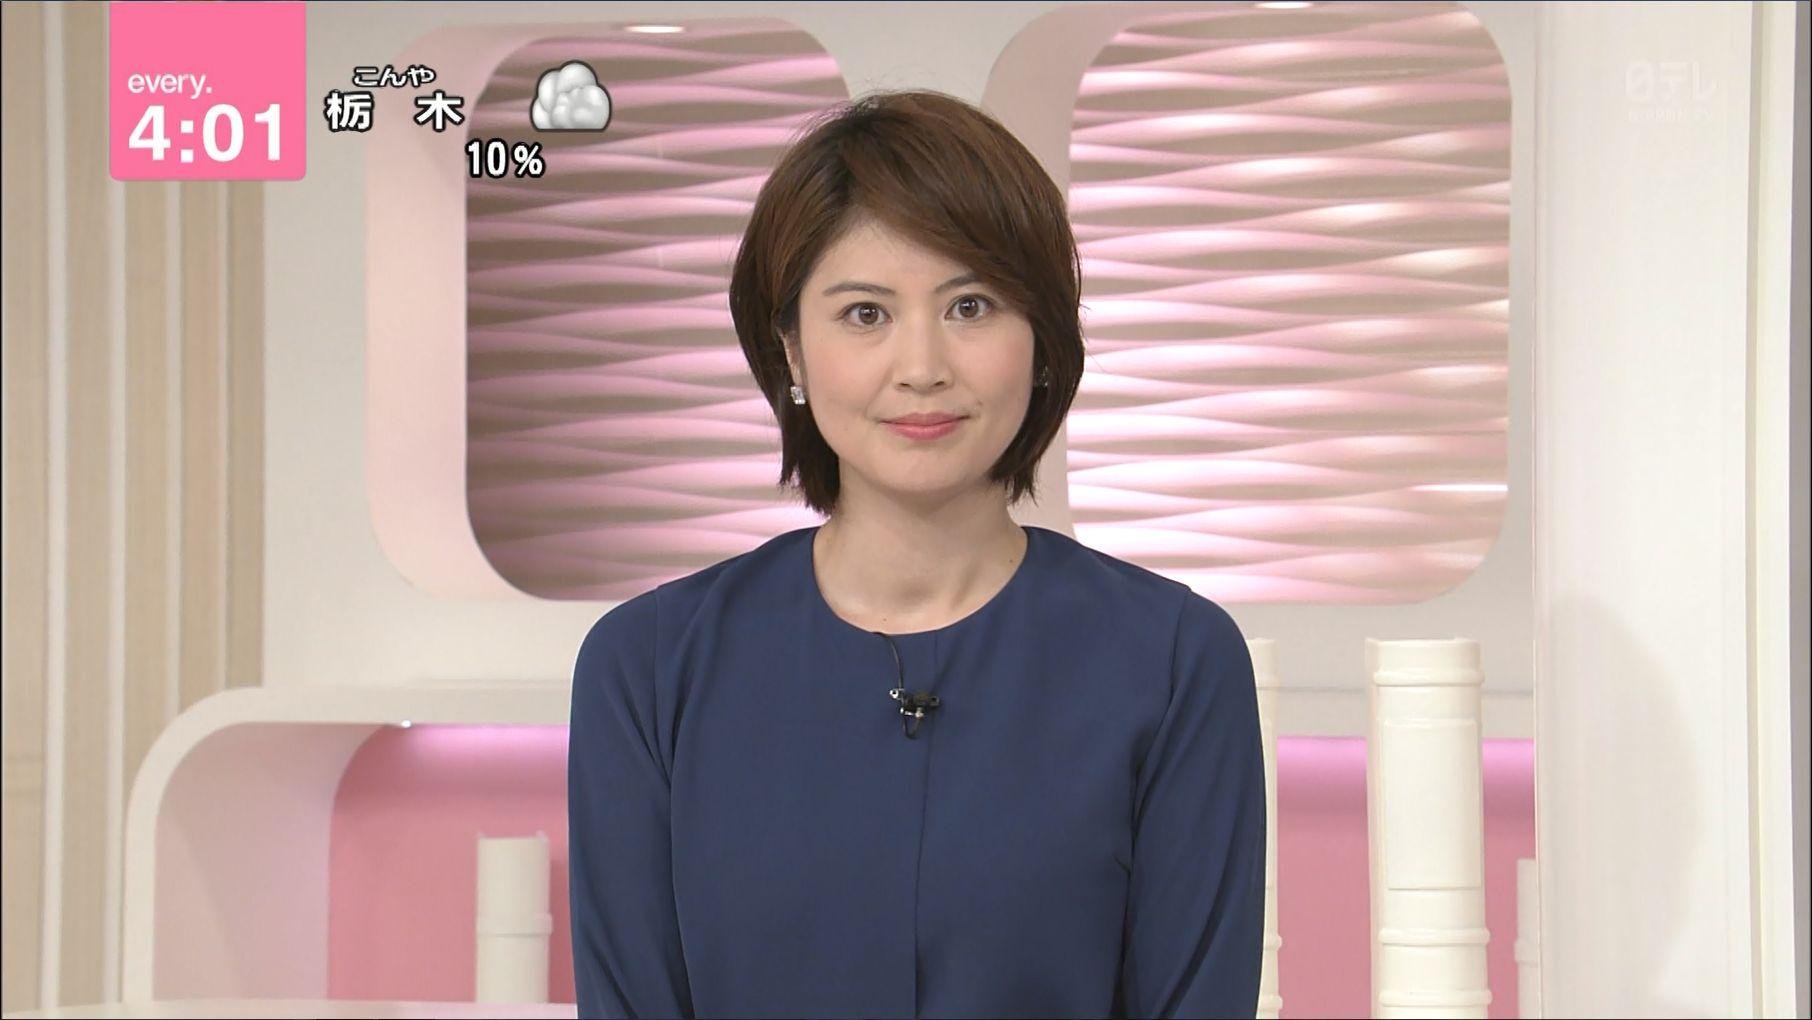 鈴江奈々 news every. 18/08/24:...